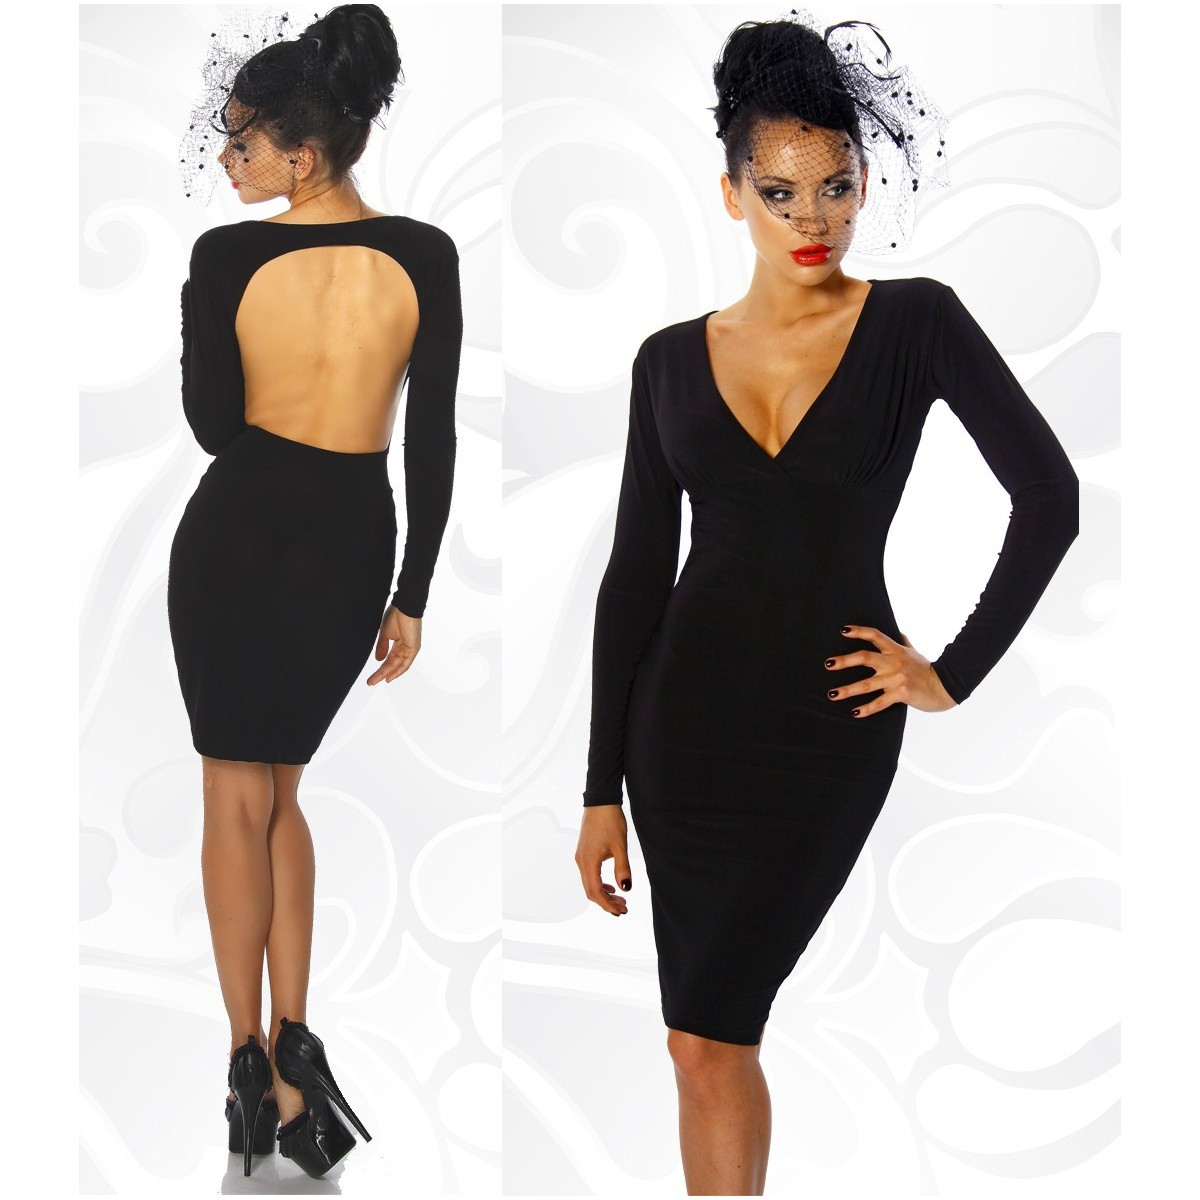 Acheter robe dos nu pas cher en ligne à petit prix. Découvrir une gamme tendance de mode des robe dos nu chez cripatsur.ga Livraison et retour gratuits en magasin.